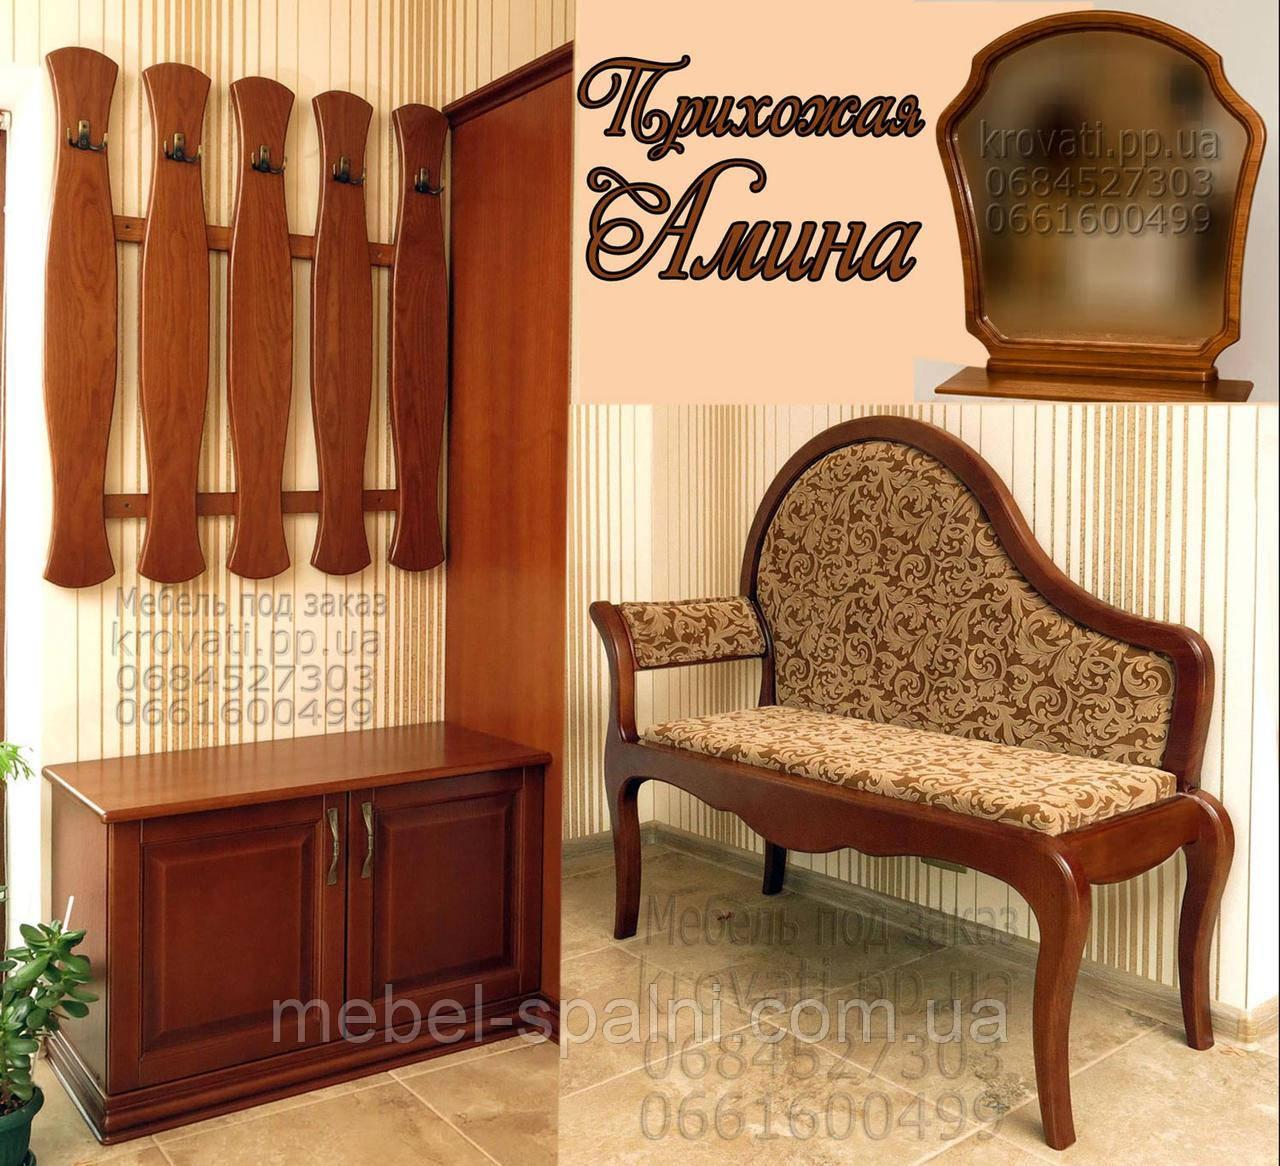 """Прихожая в коридор """"Амина 2"""" мебель для маленькой прихожей"""